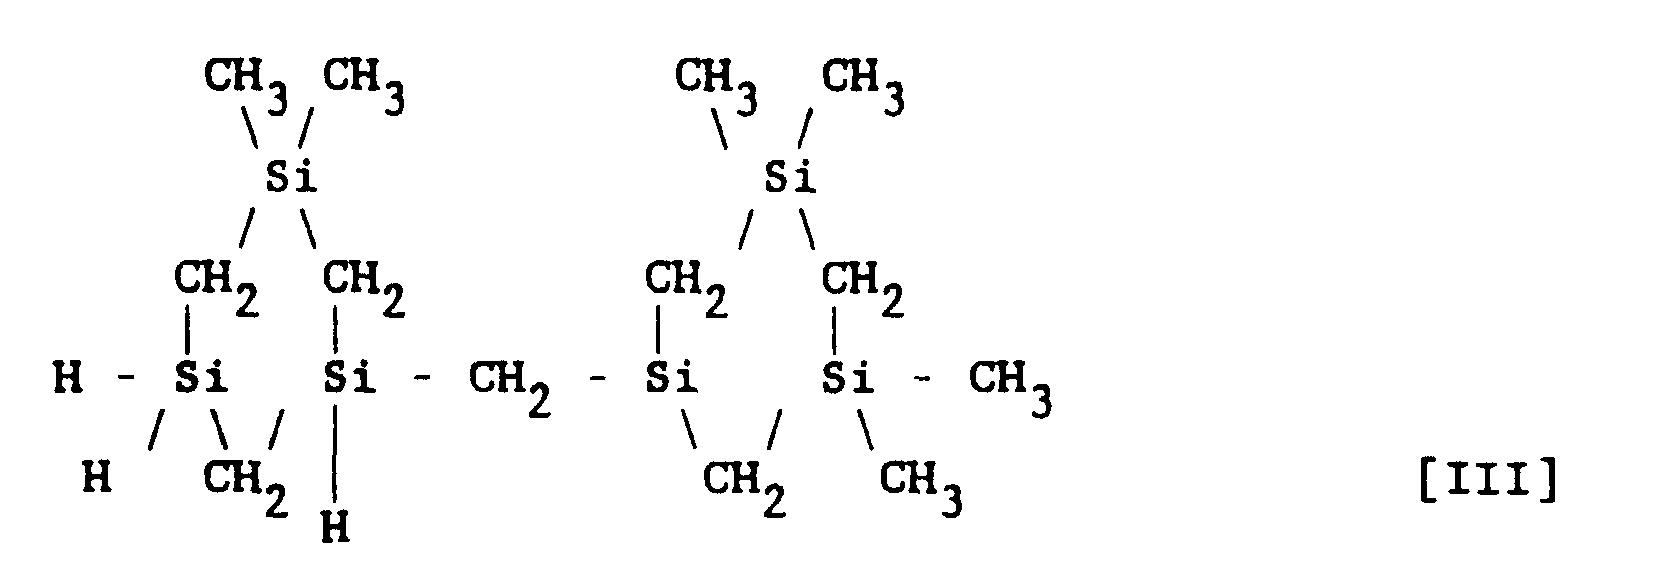 Patent Ep0596679b1 Borazine Derivatized Polycarbosilane